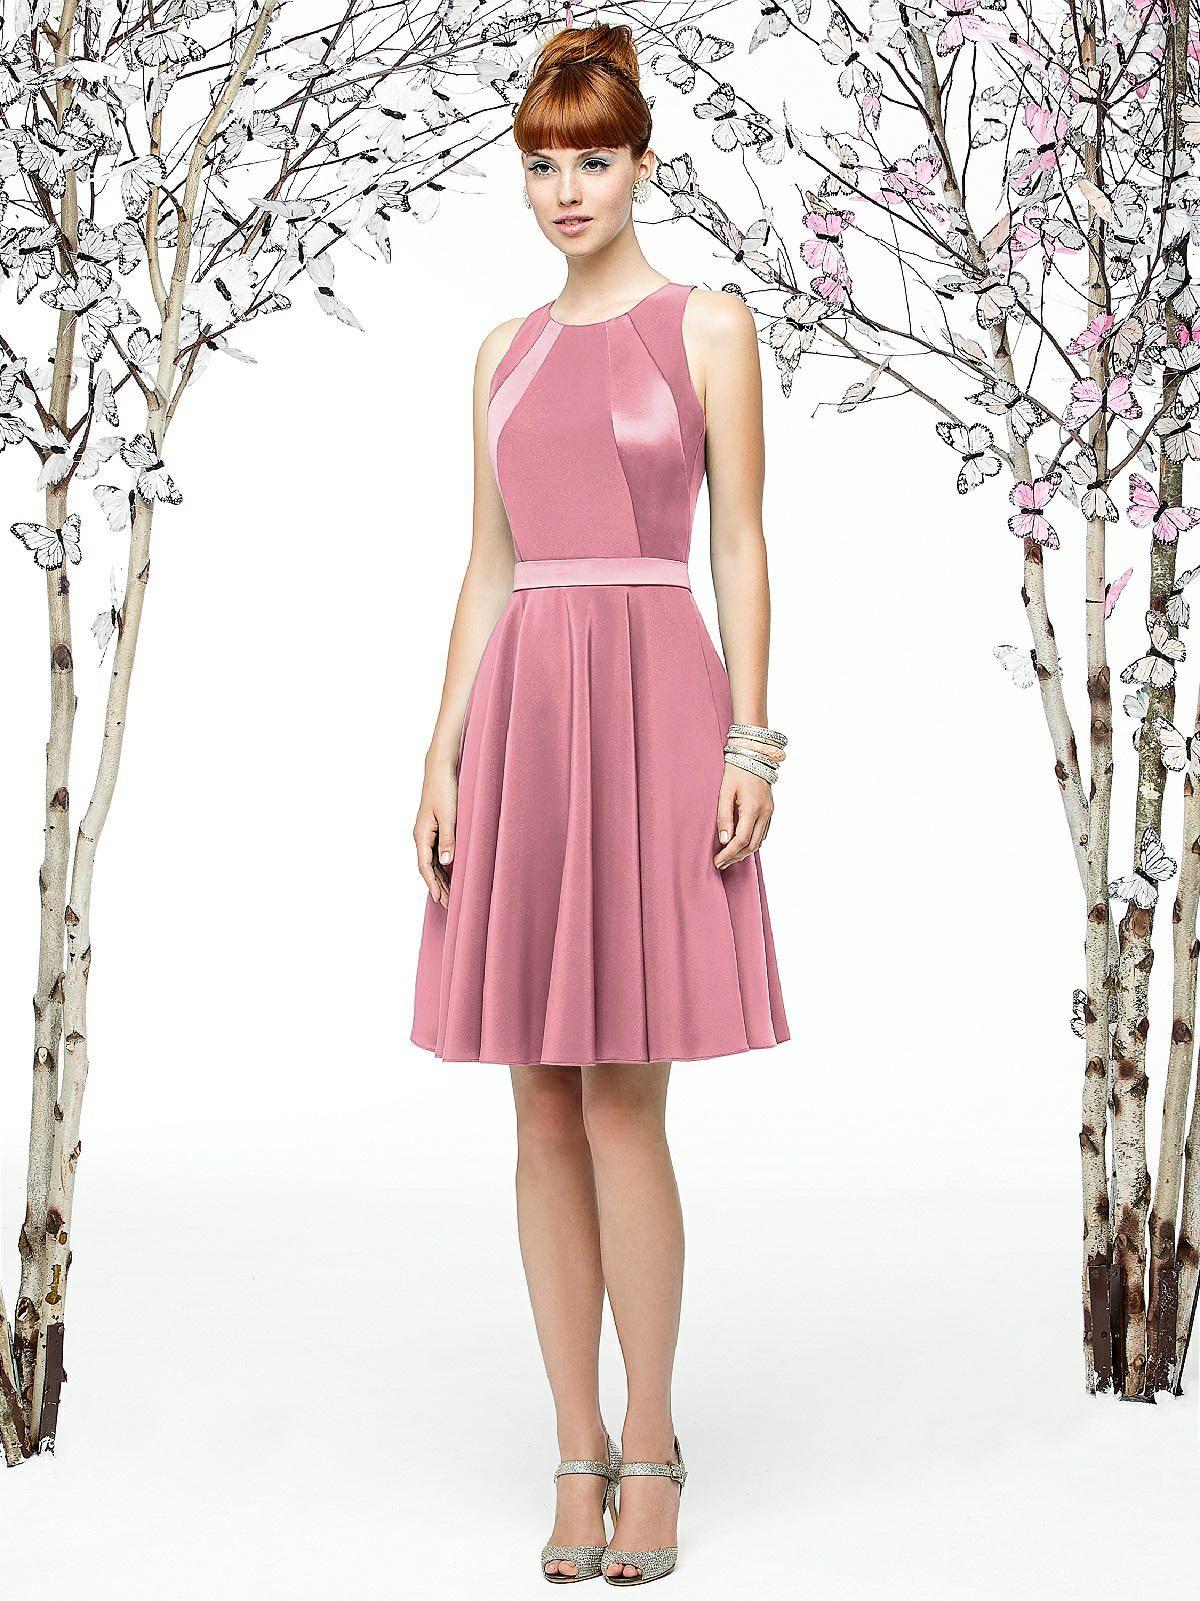 Asombroso Vestido De Novia Rosa Lela Friso - Colección de Vestidos ...